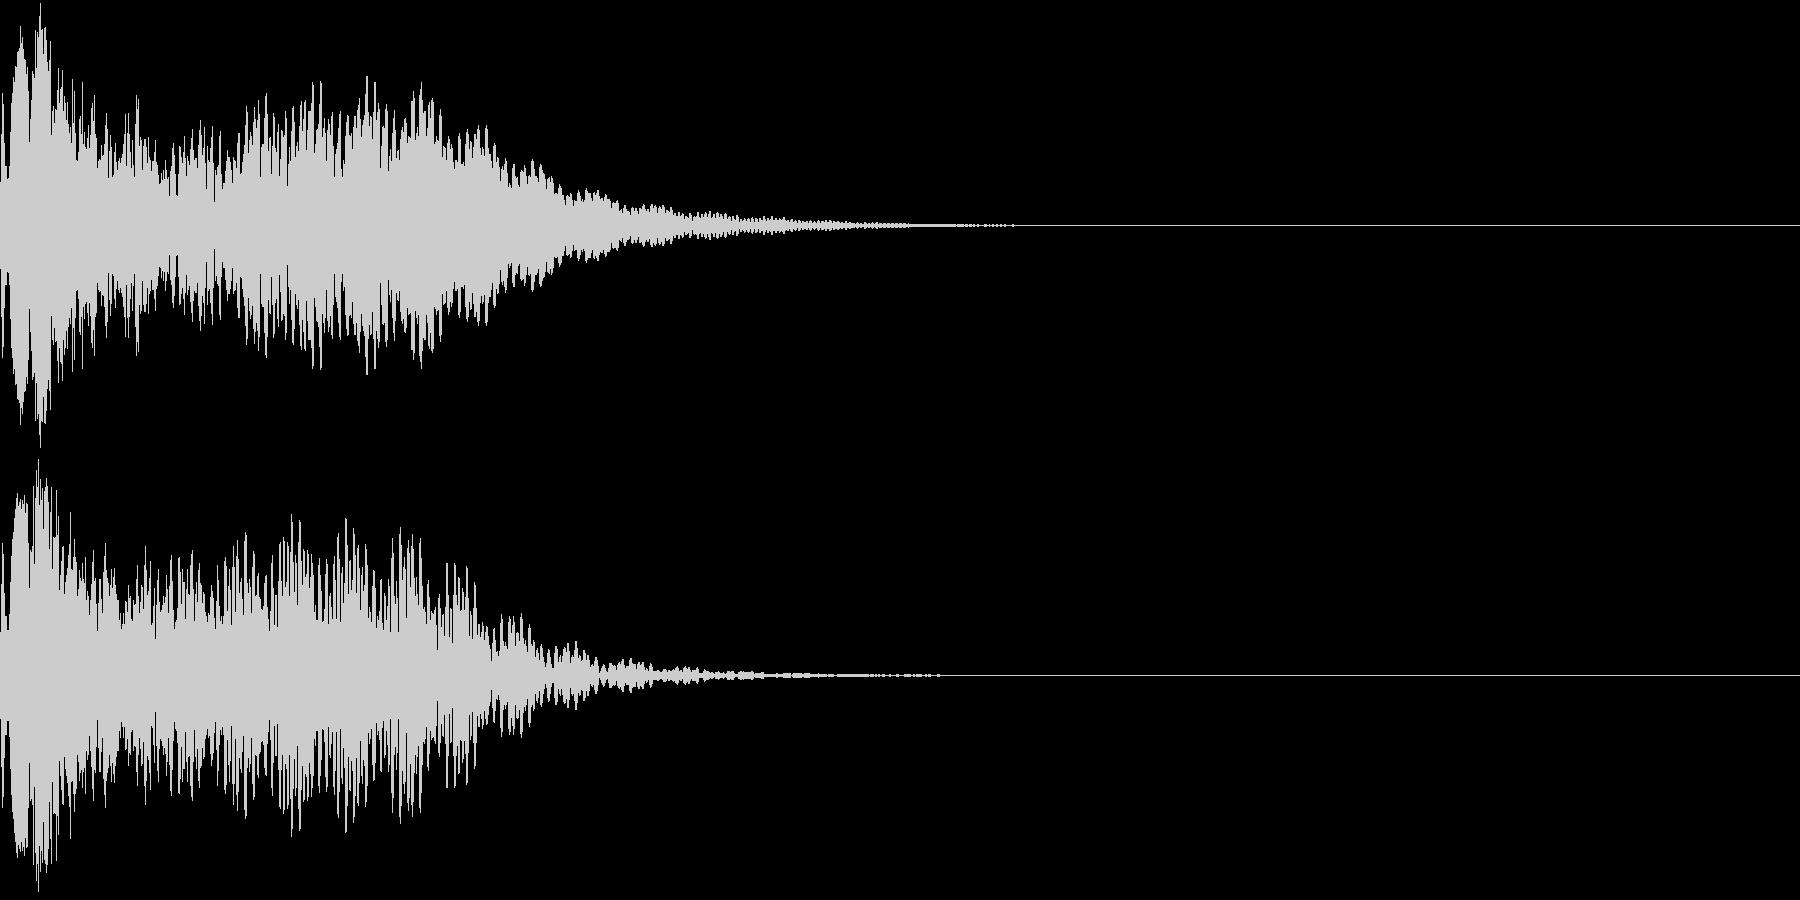 キュイン 光 ピカーン フラッシュ 15の未再生の波形